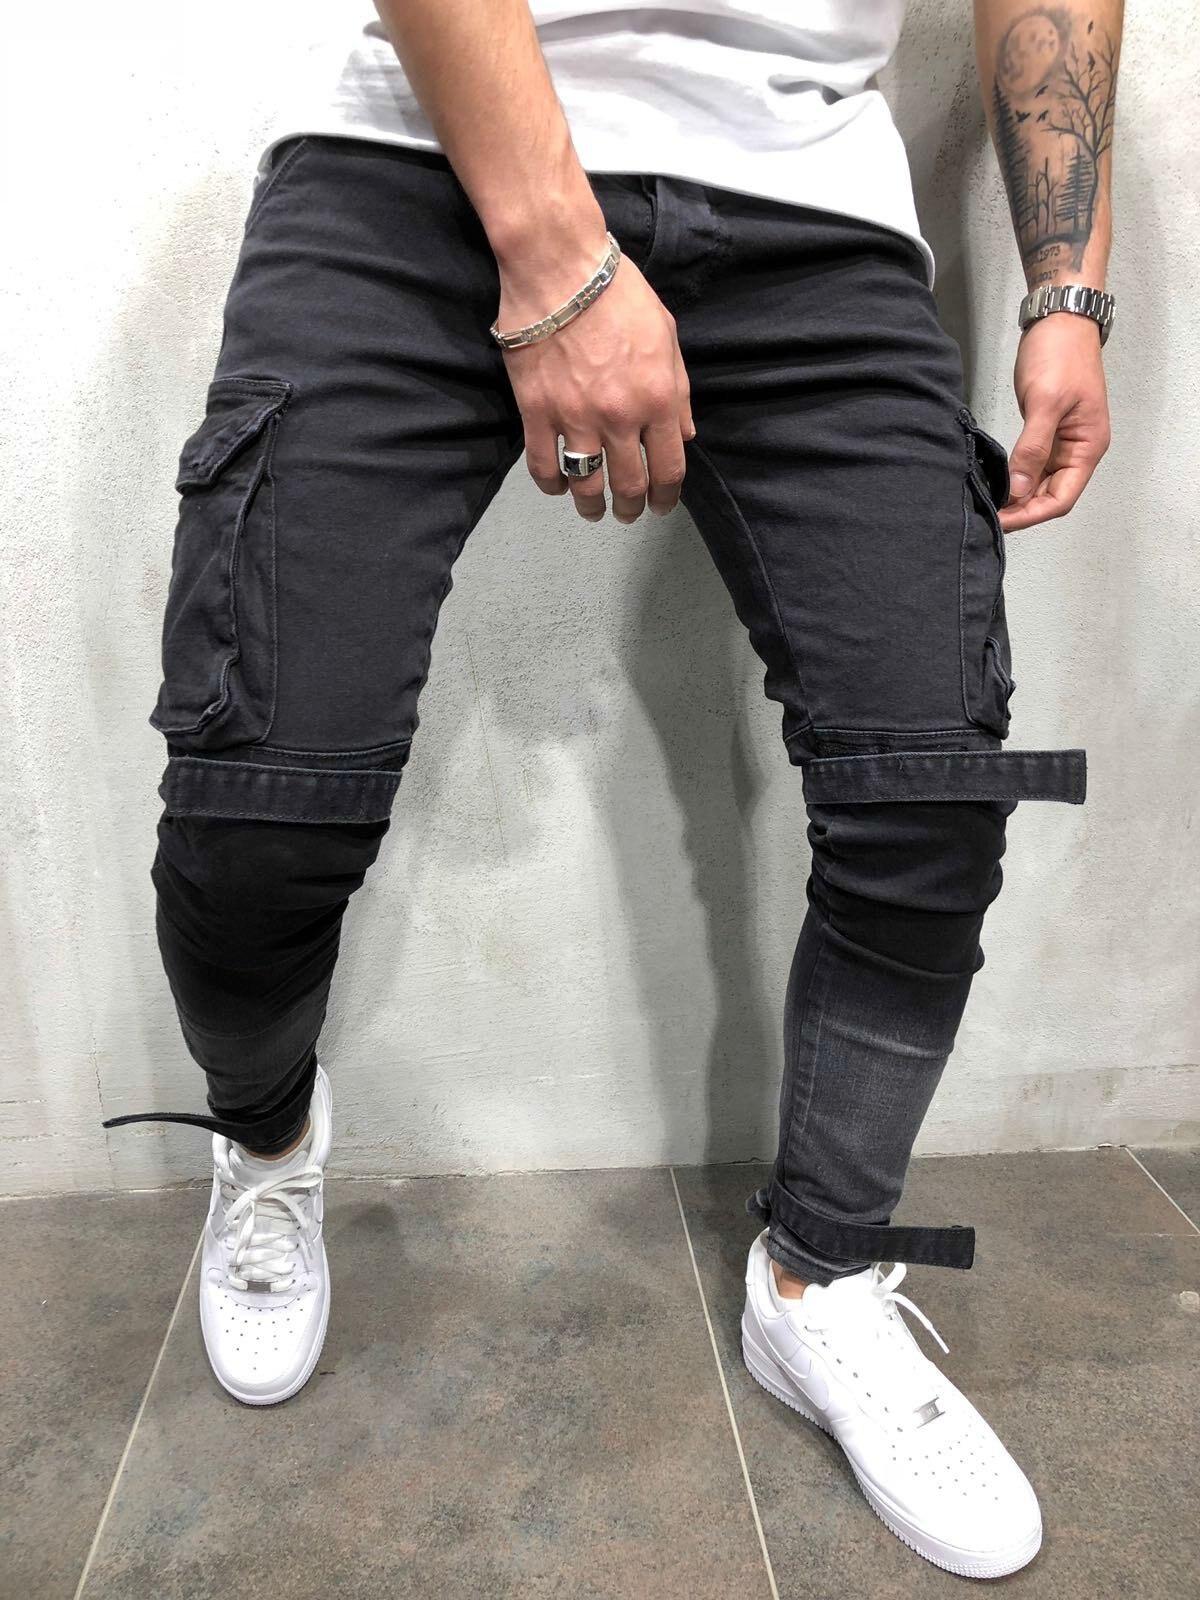 2018 New Arrived Men Cargo Pockets biker jeans denim slim supper skinny hip hop jeans A405